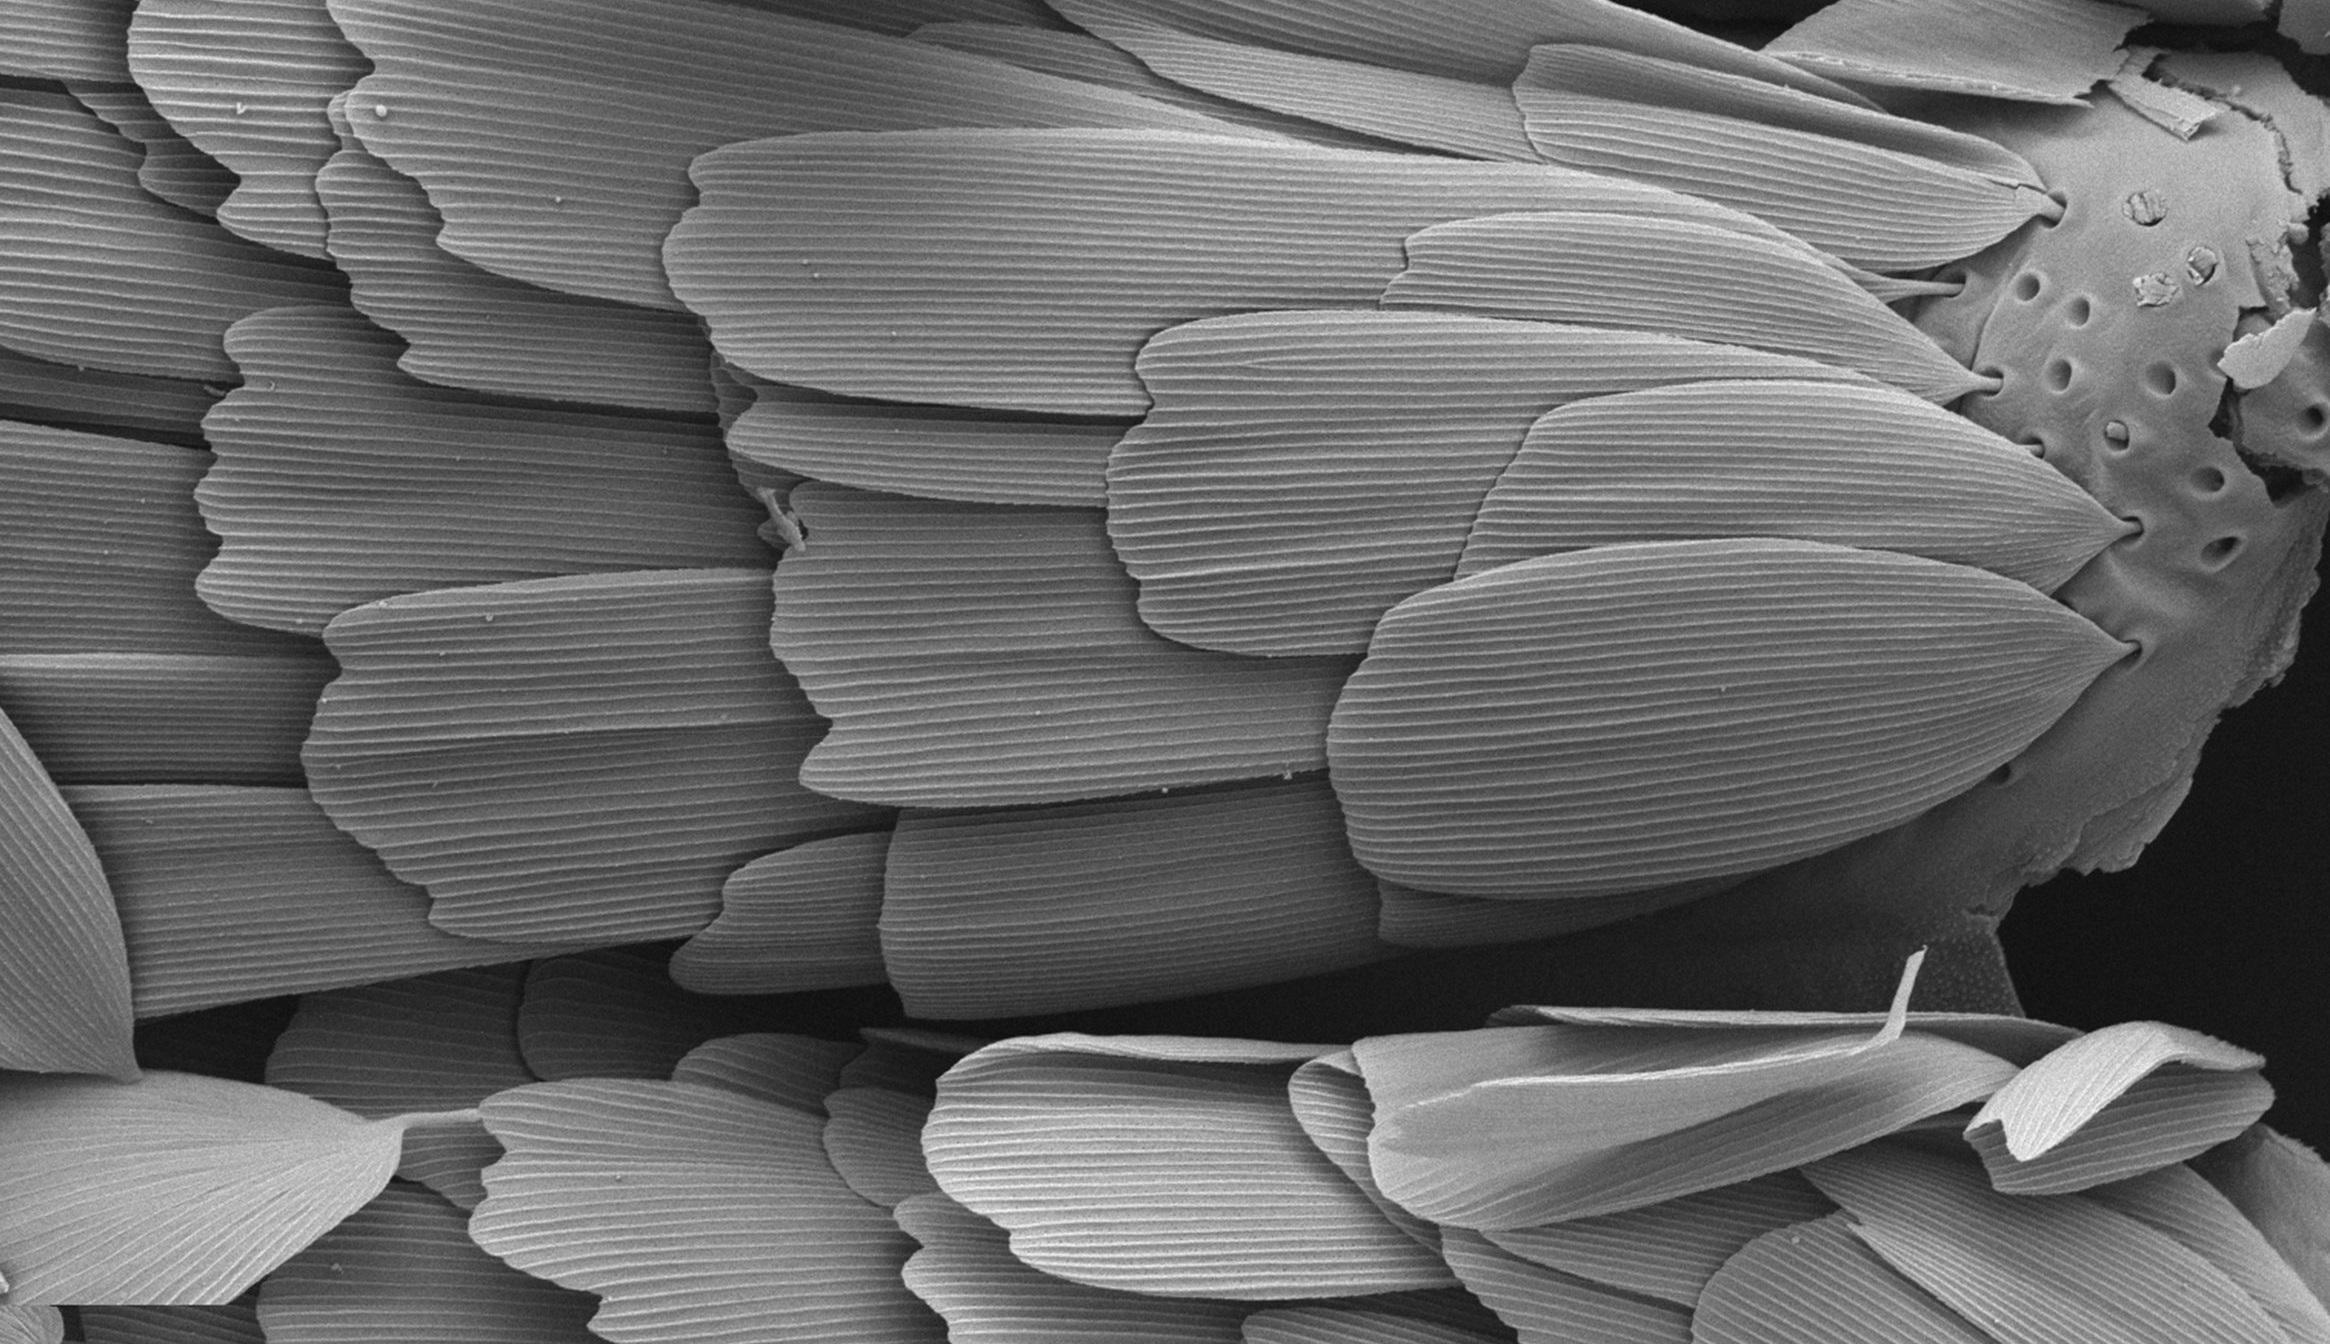 Pohled elektronovým mikroskopem na šupinky na křídle dnešního příbuzného primitivních můr z podřádu  Glossata(řádLepidoptera). Do tohoto podřádu se zahrnují všechnimotýli, denní i noční a všichni jeho zástupci se vyznačují sosákem. Kredit: Hossein